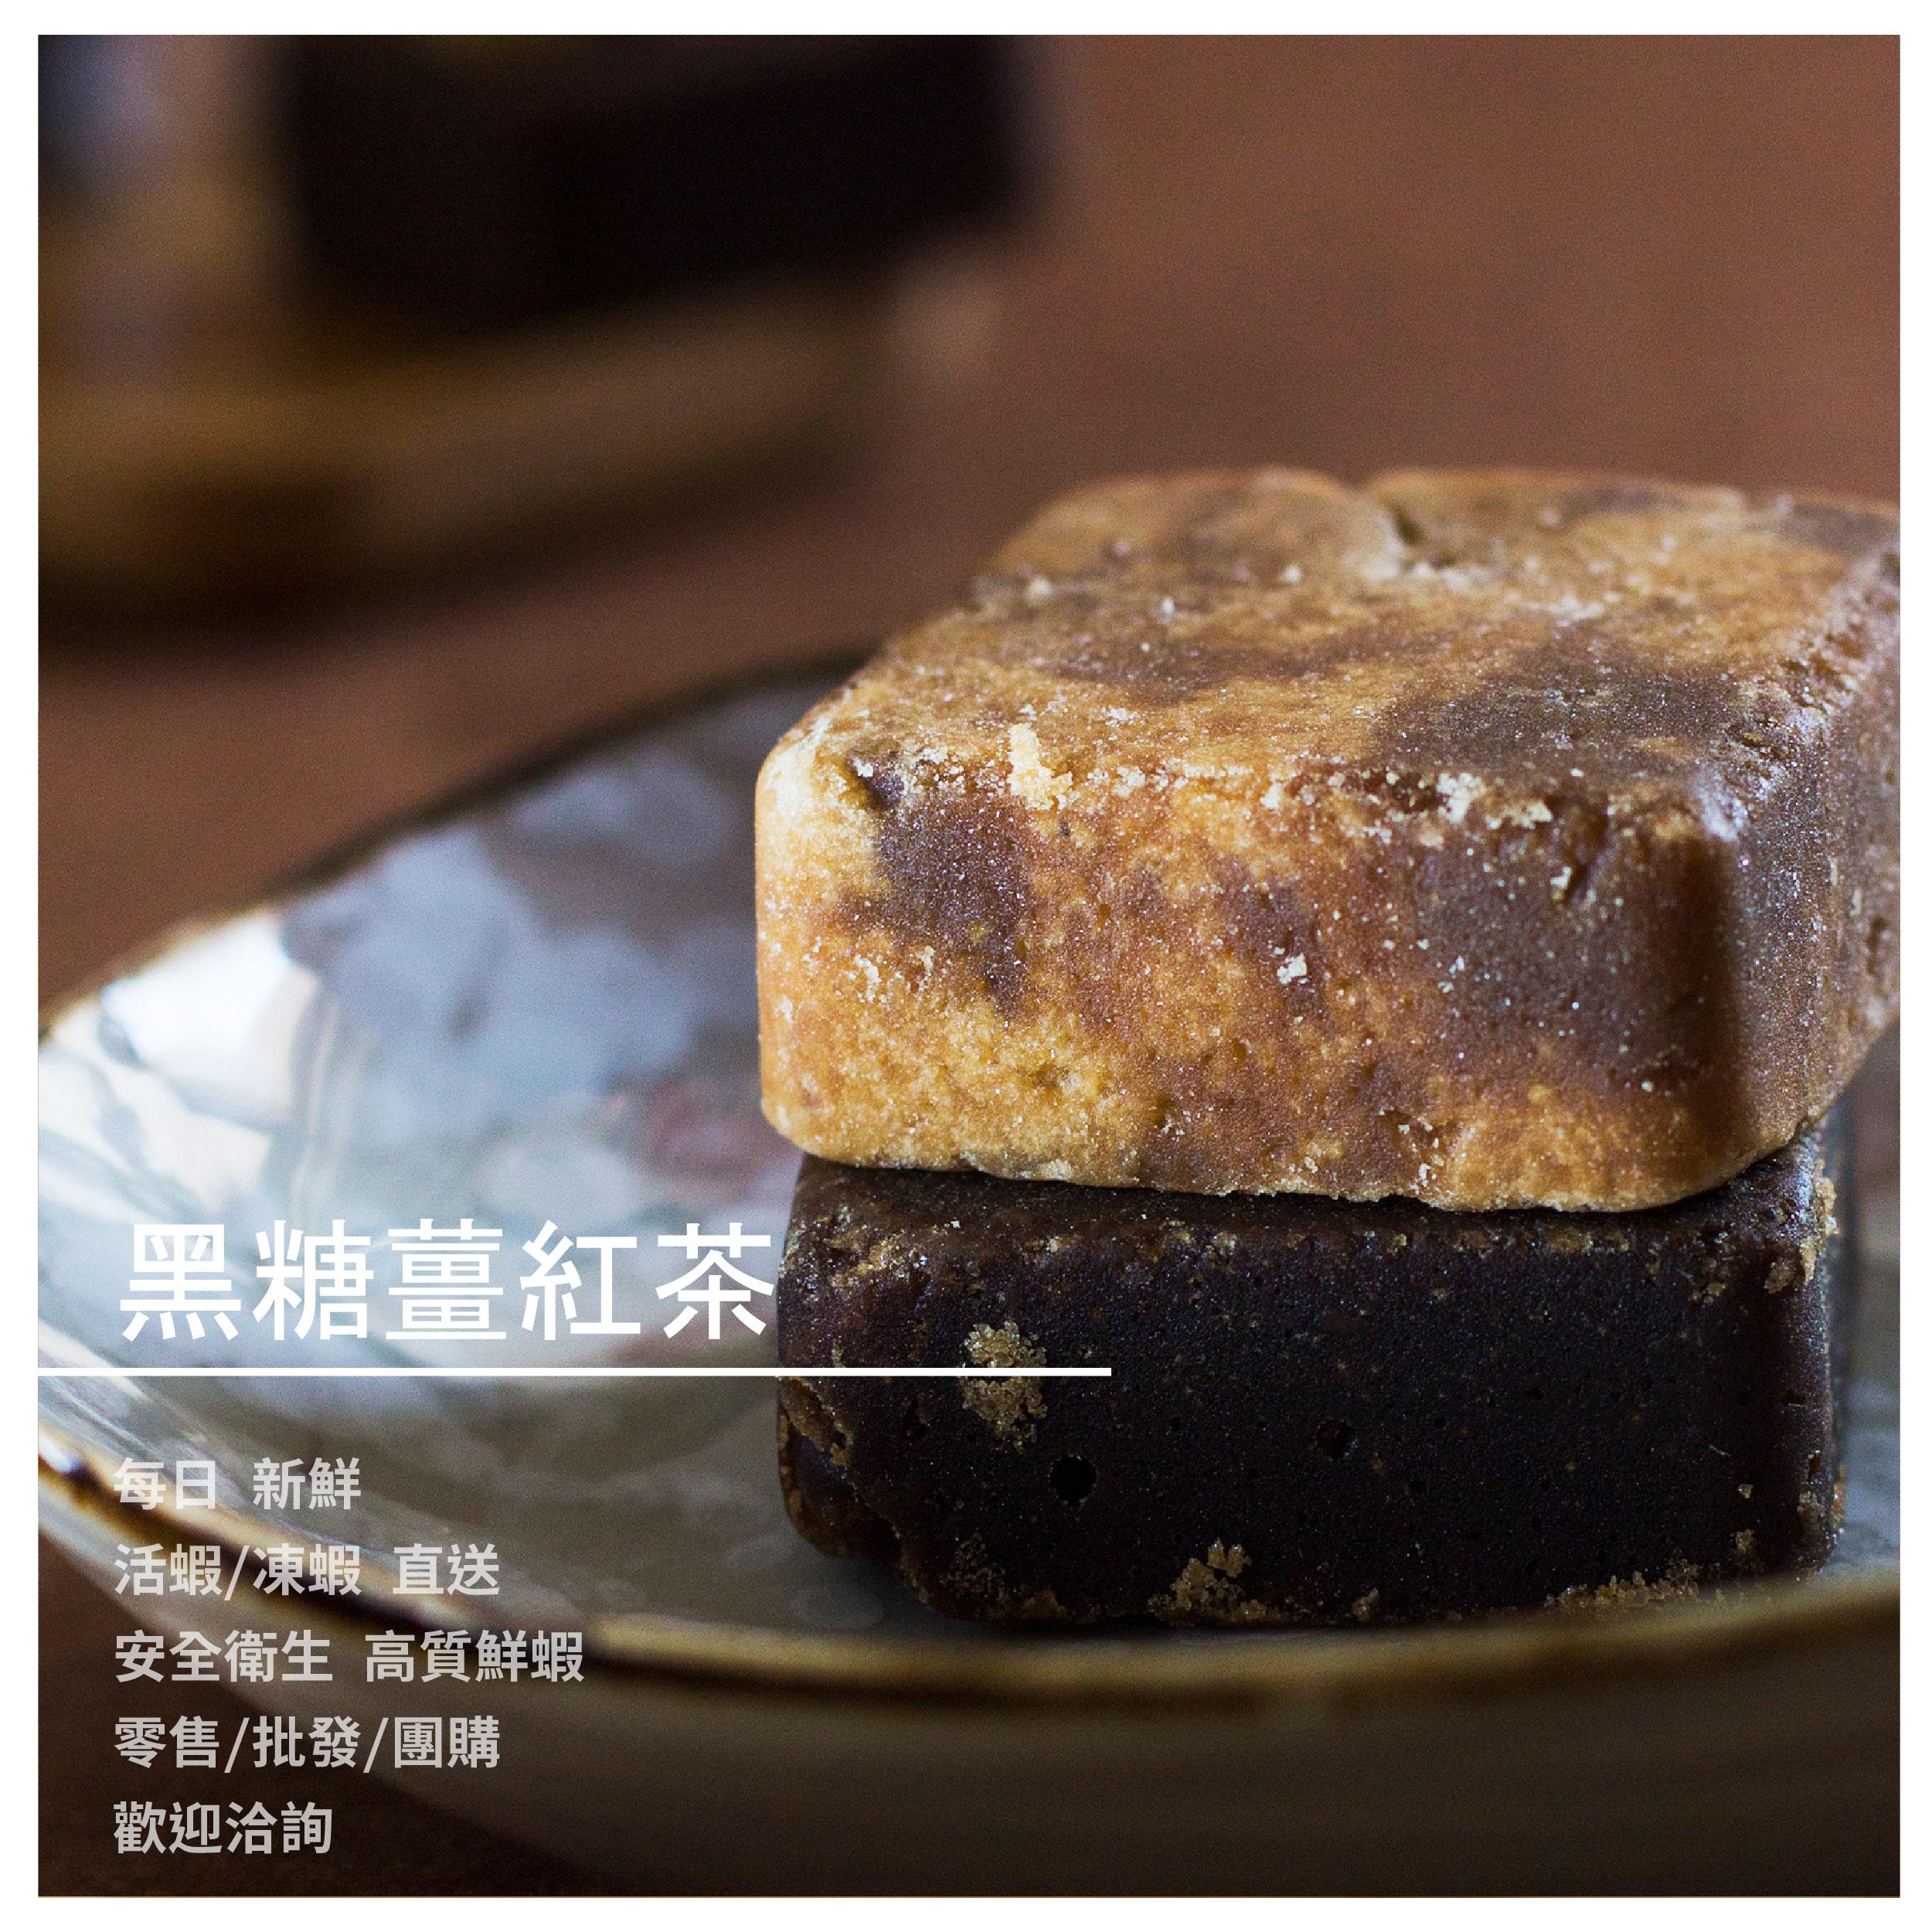 【黑金傳奇黑糖薑母茶】黑糖薑紅茶